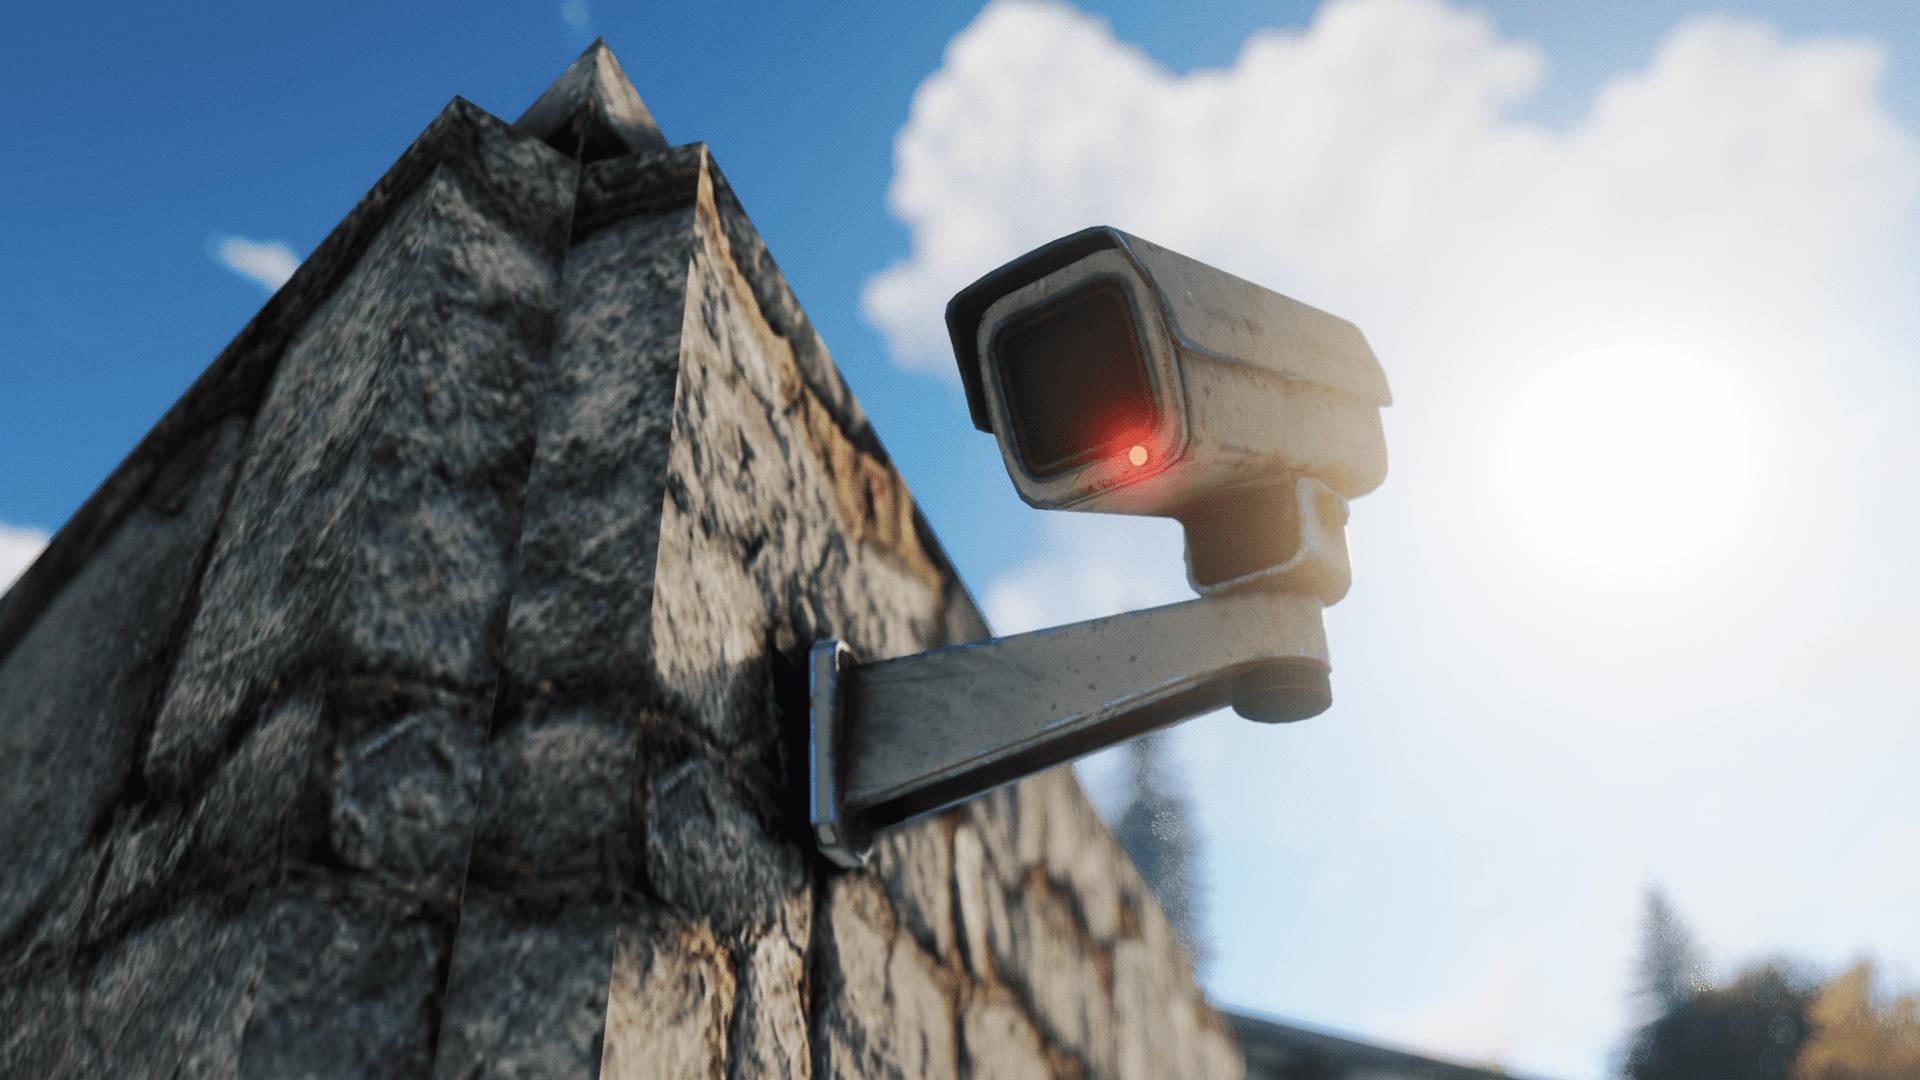 Hoe werkt het nieuwe CCTV camerasysteem in Rust?